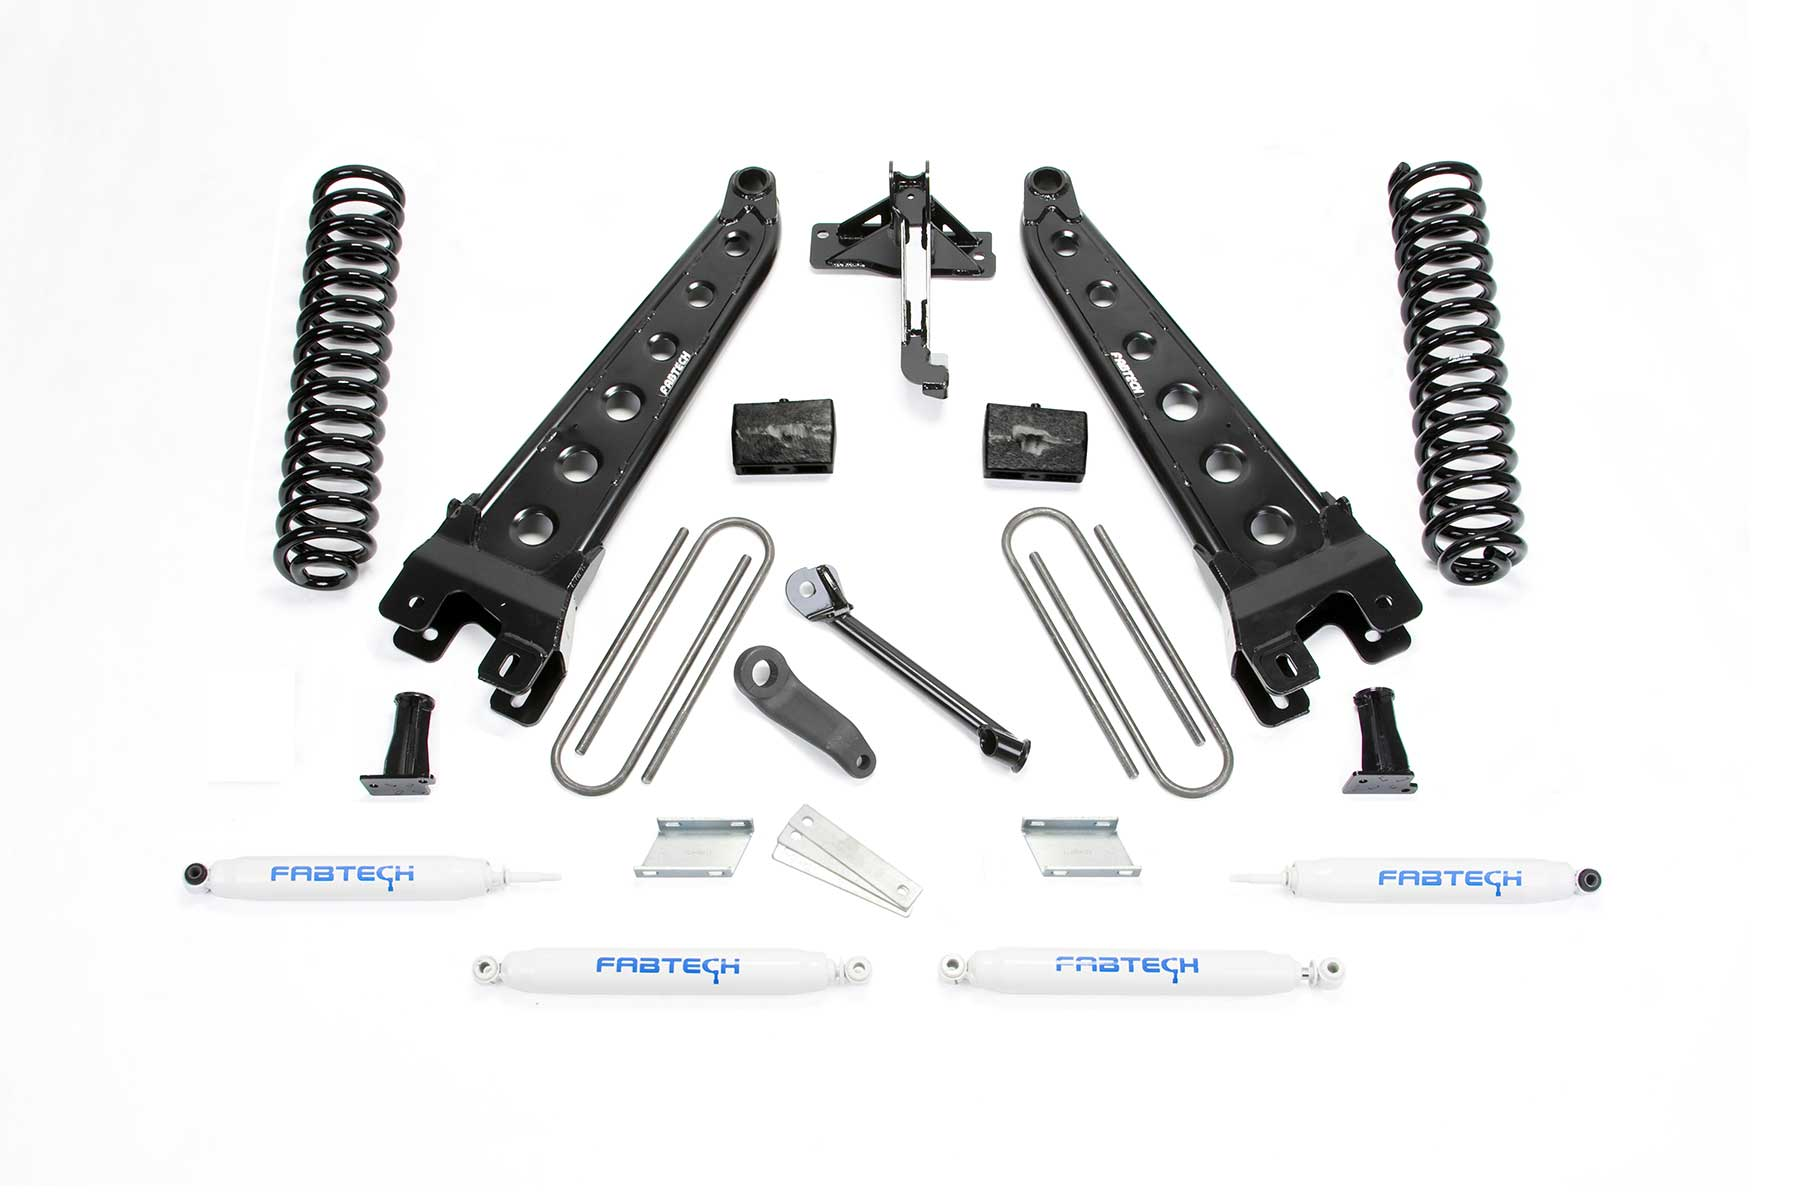 Radius Arm Systems